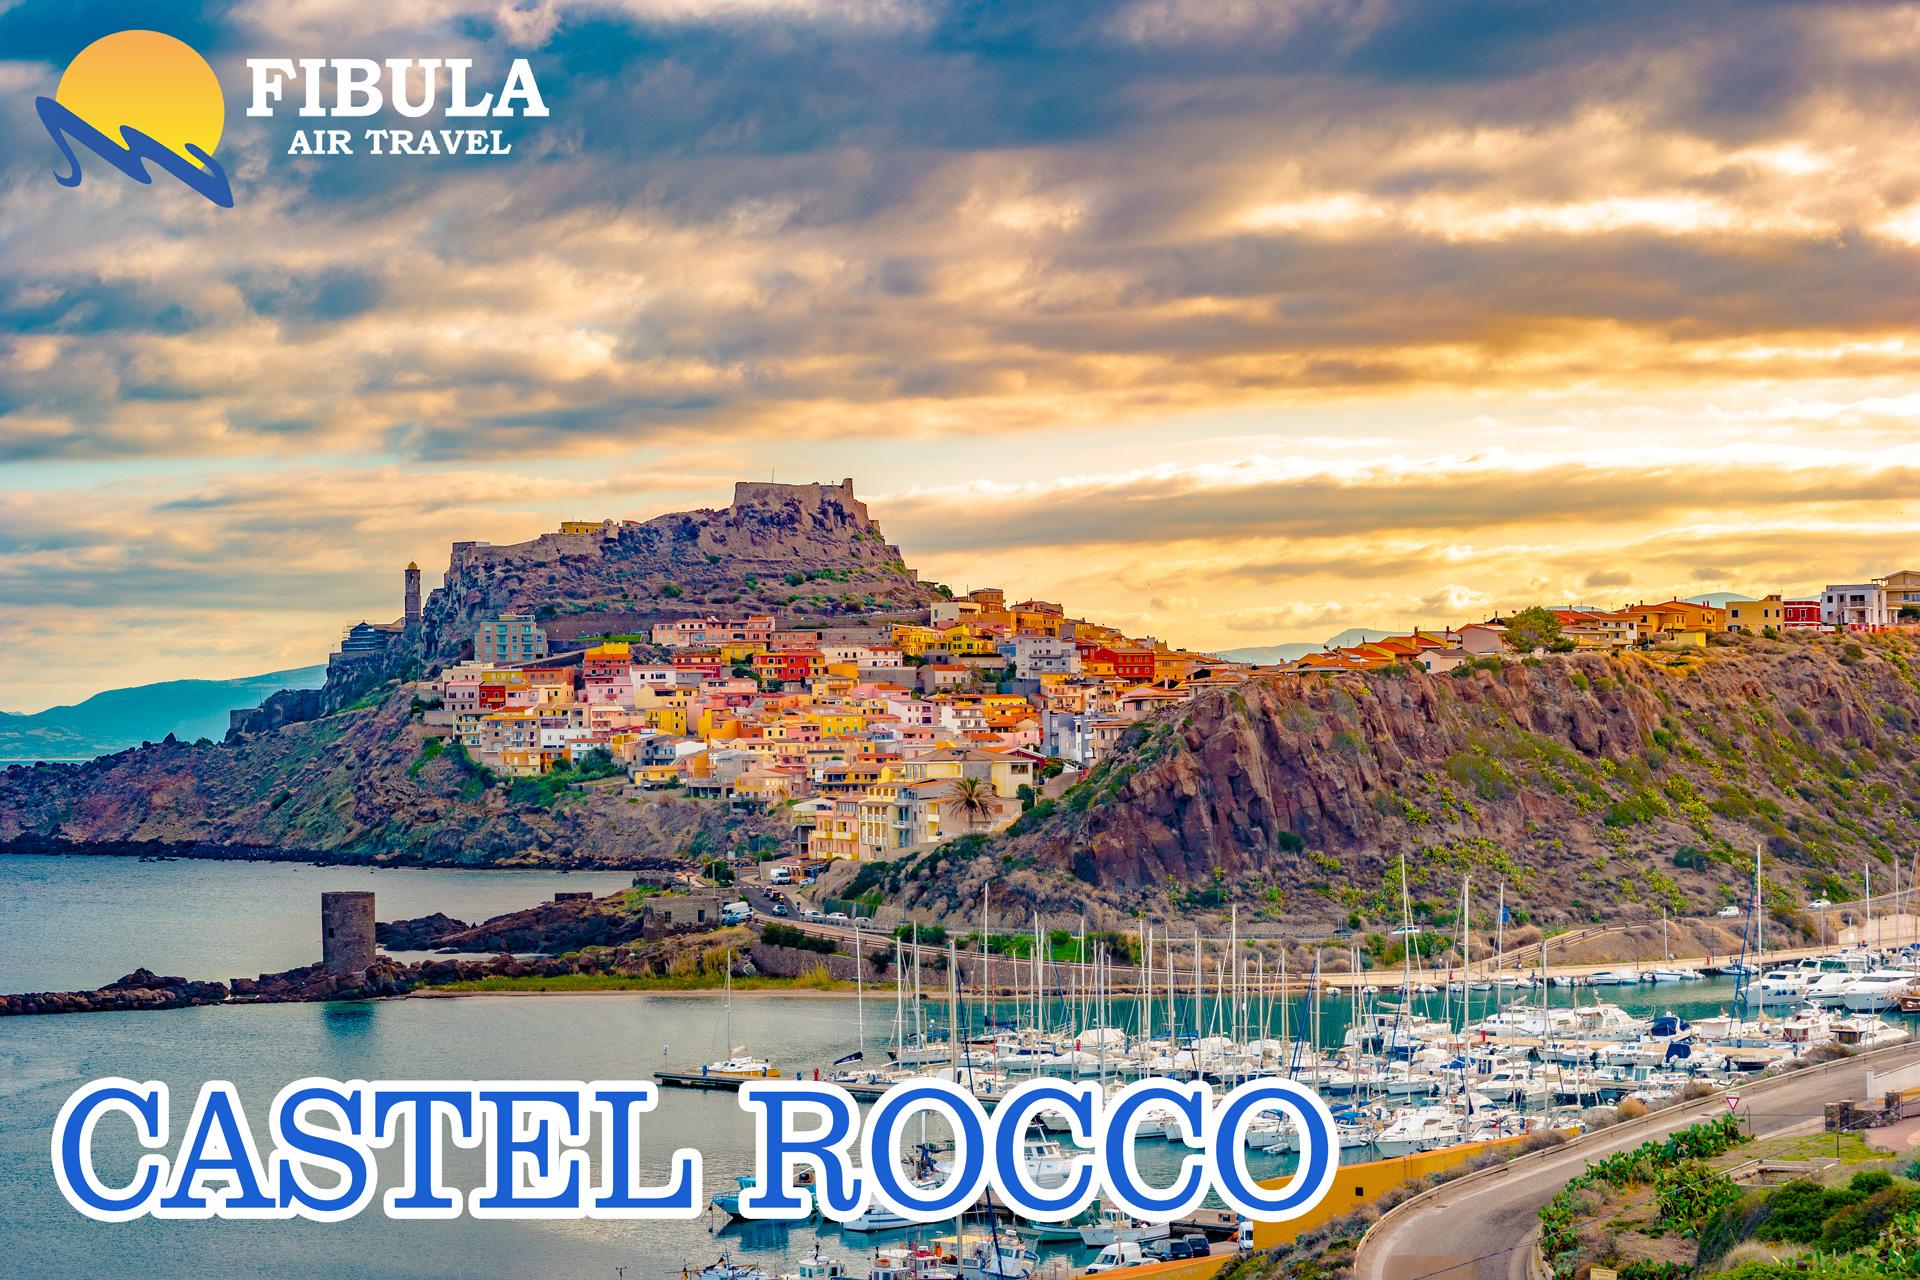 Porto Cervo Sardinija leto 2019 turisticka agencija Fibula Air Travel